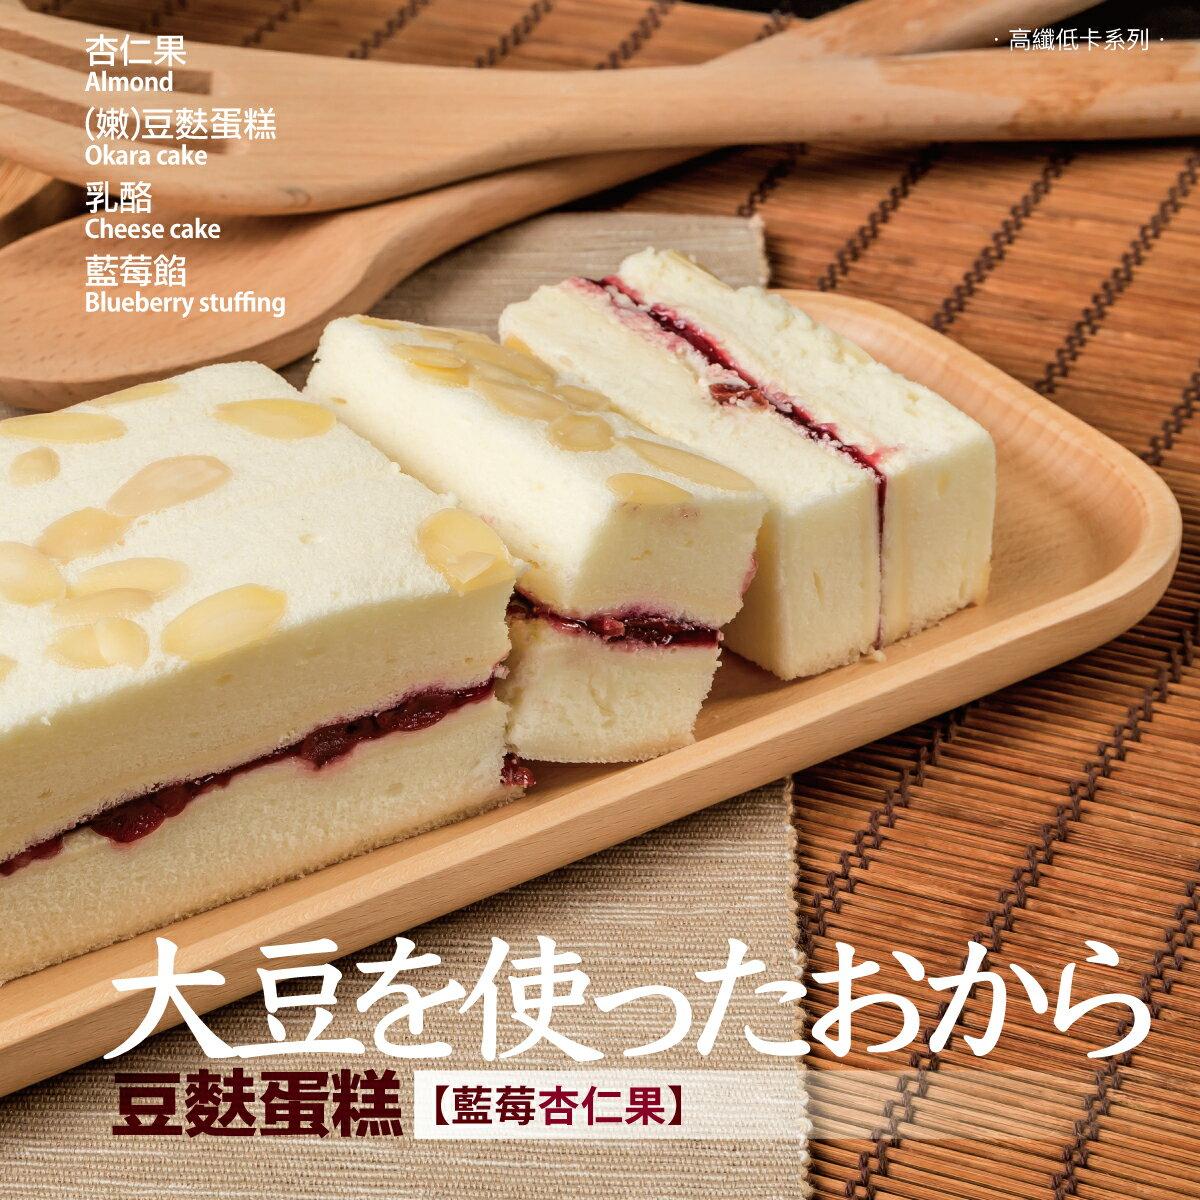 新品上市♥低卡豆麩蛋糕